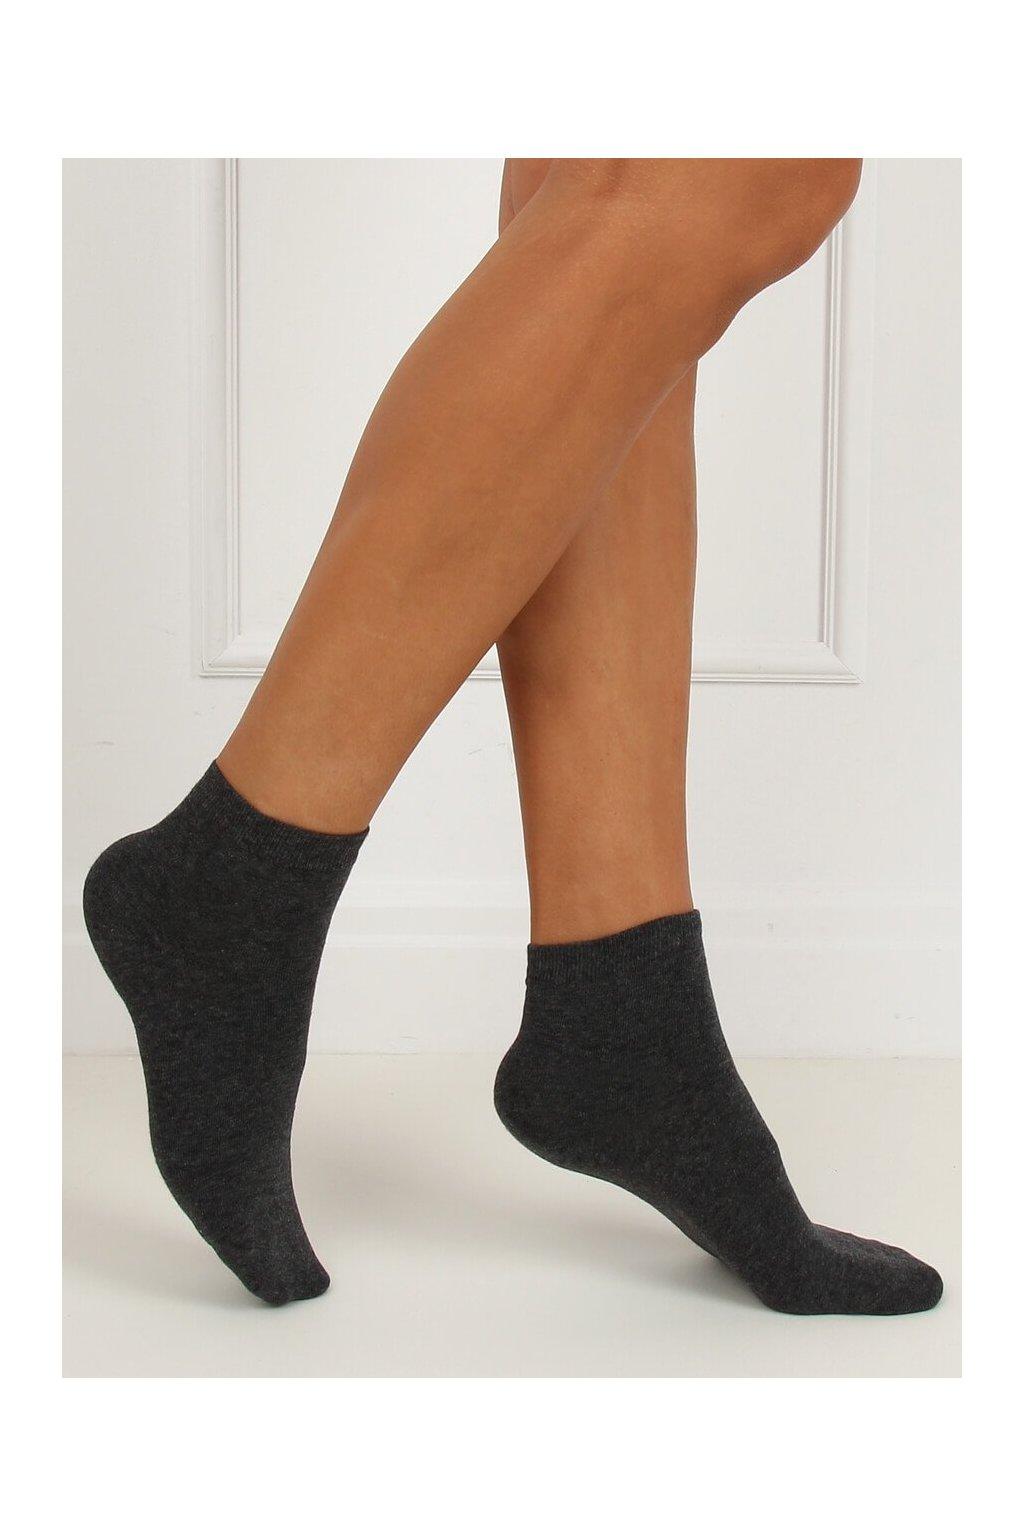 Damske ponožky sivé SK-NZ088